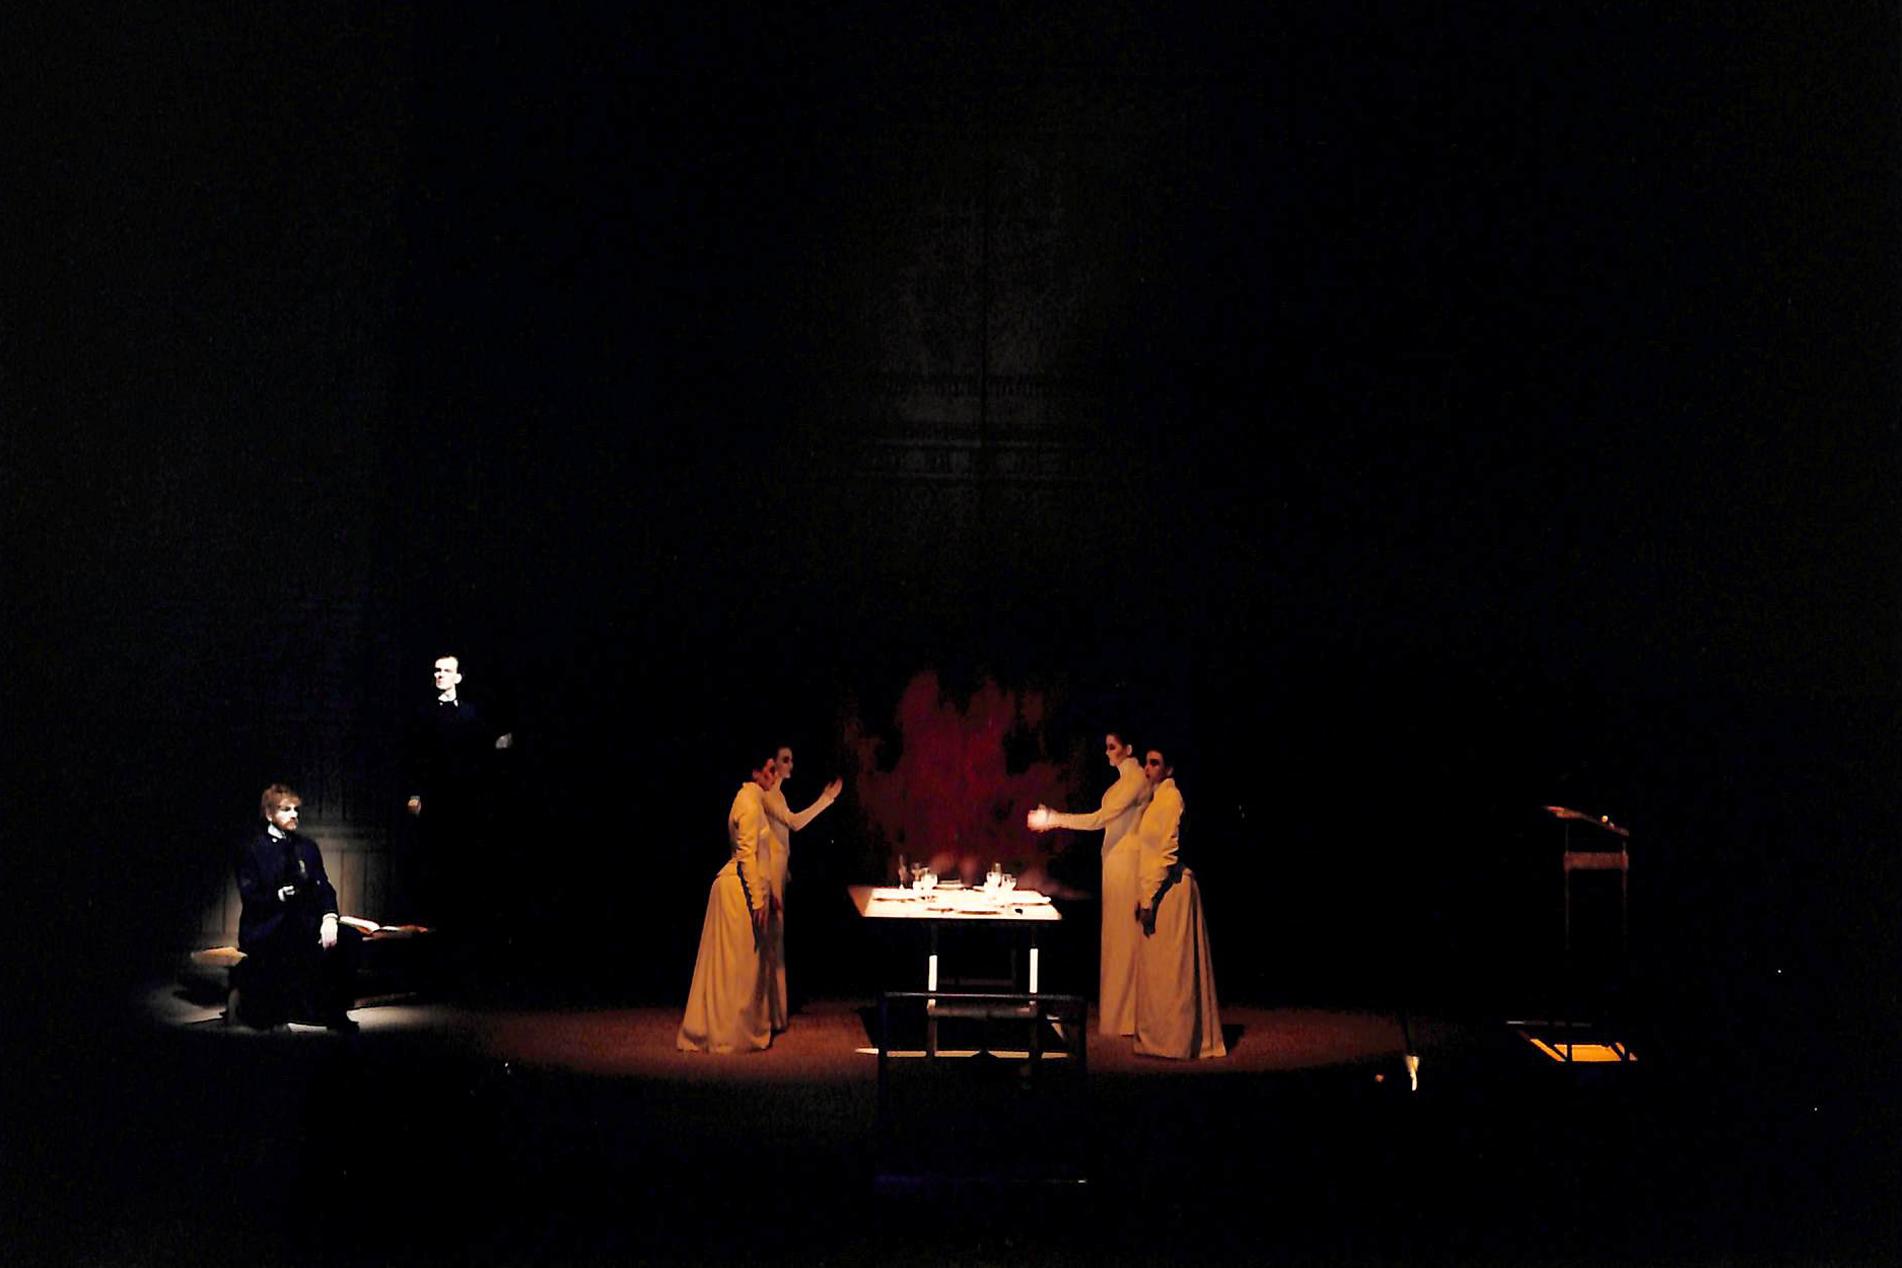 Act V - Howie Seago (Enkidu), Martin Wuttke (Gilgamesh), Corin Curschellas, Anita Köhler, Vera Schrankl, Monika Tahal (Ladies)